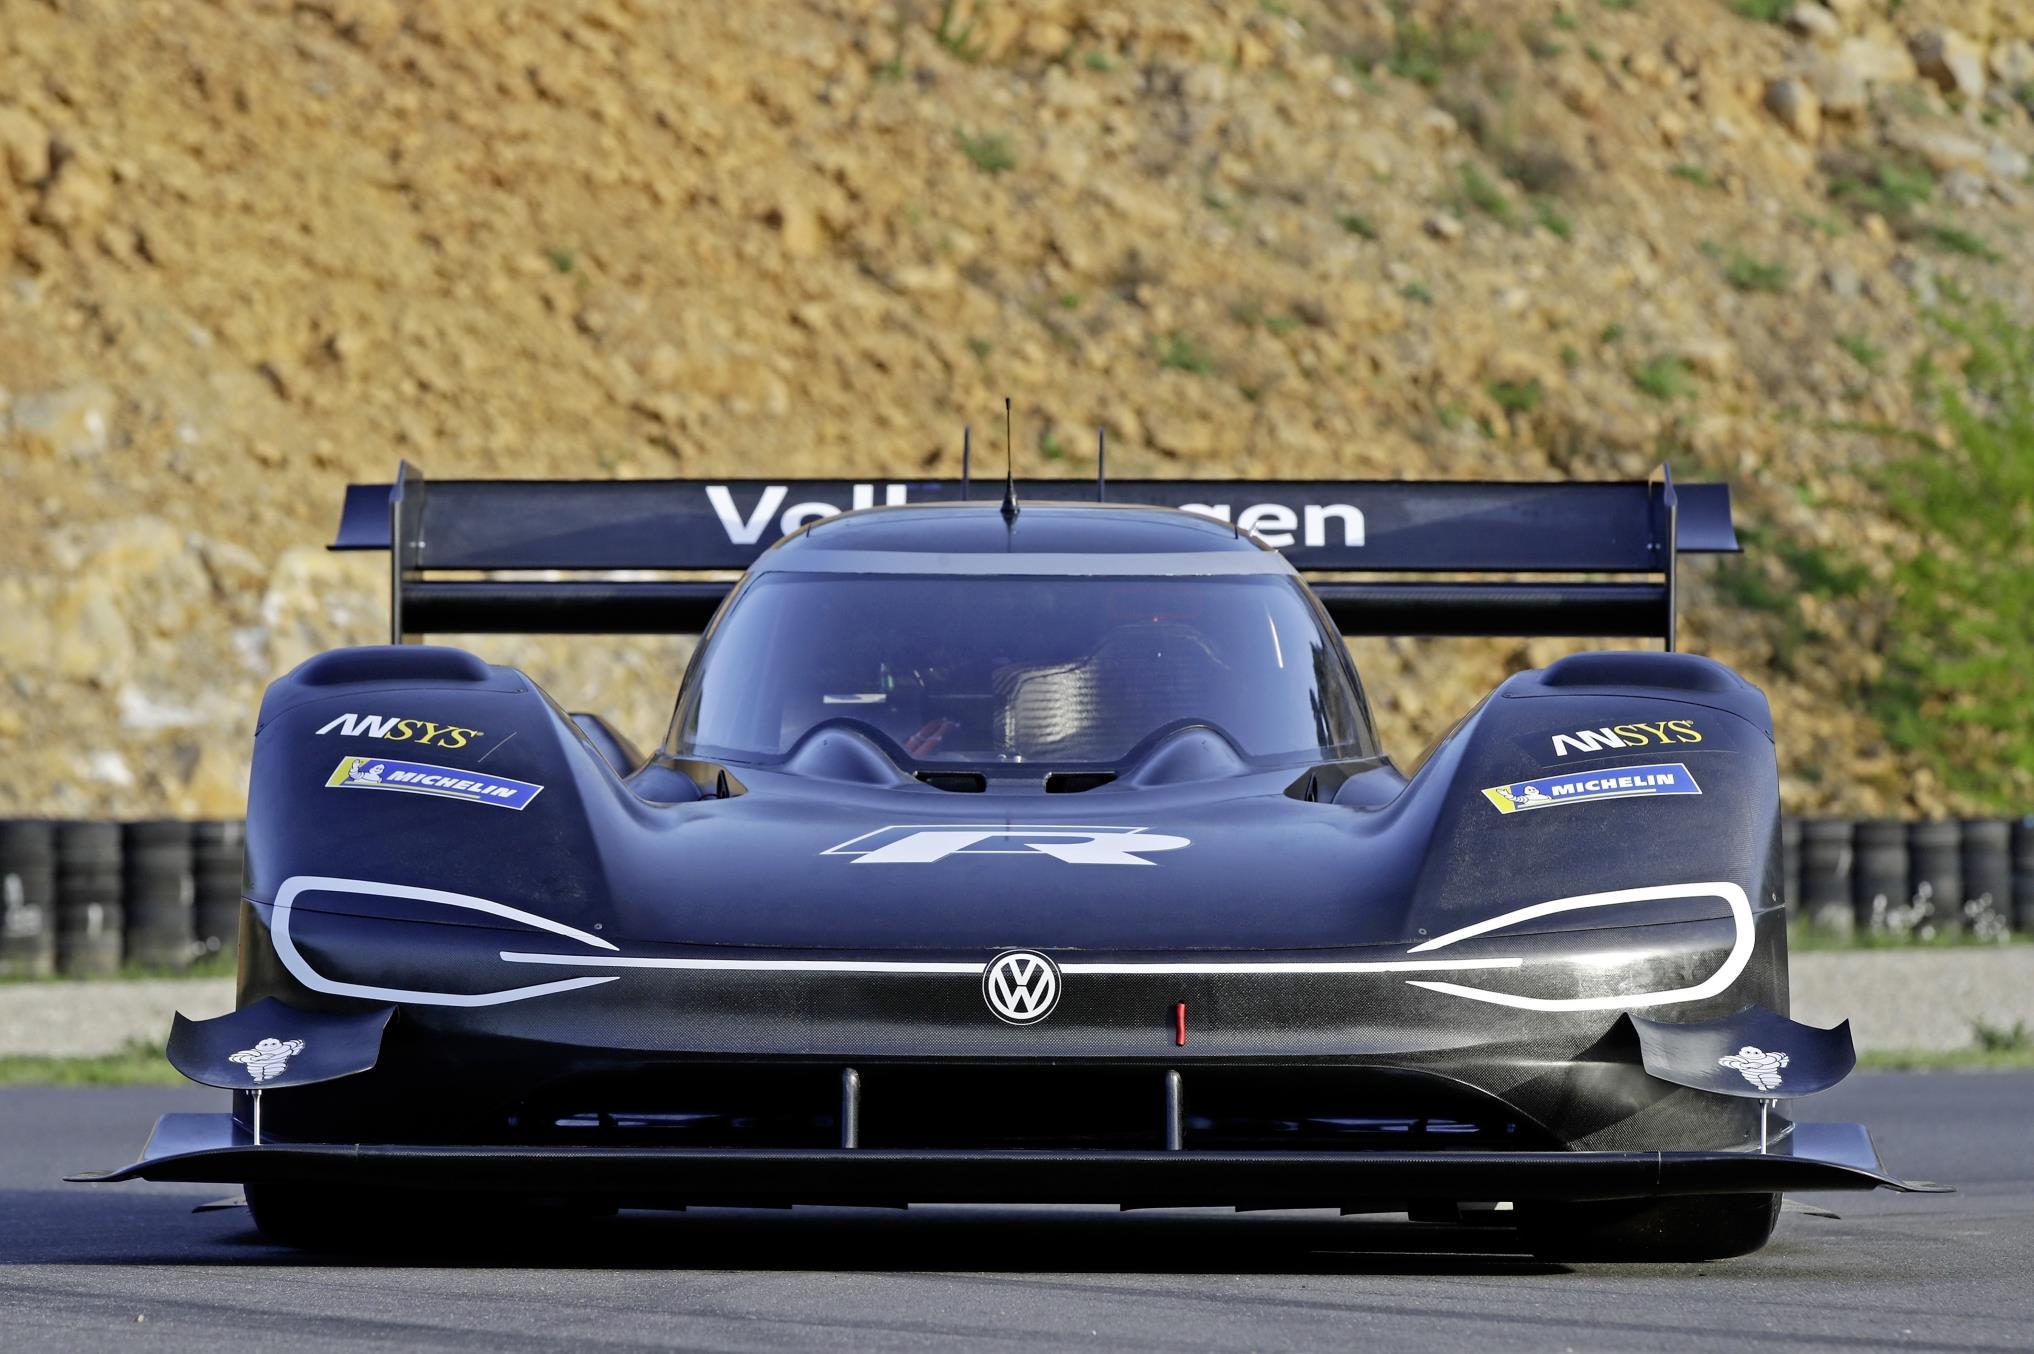 سيارة فولكس واجن الكهربائية